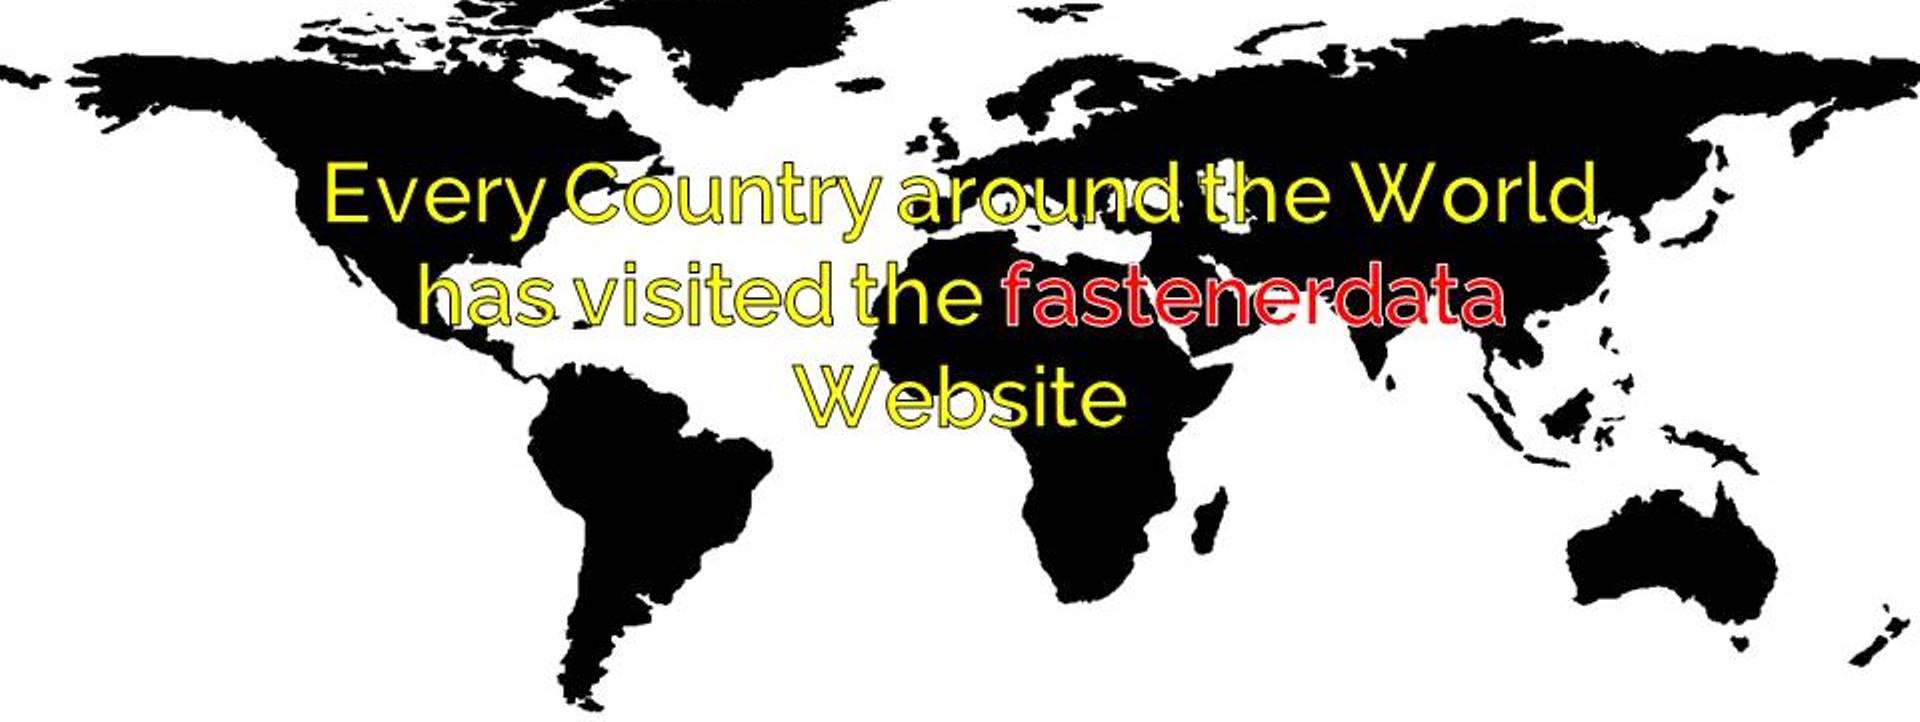 GLOBAL FASTENER INFORMATION